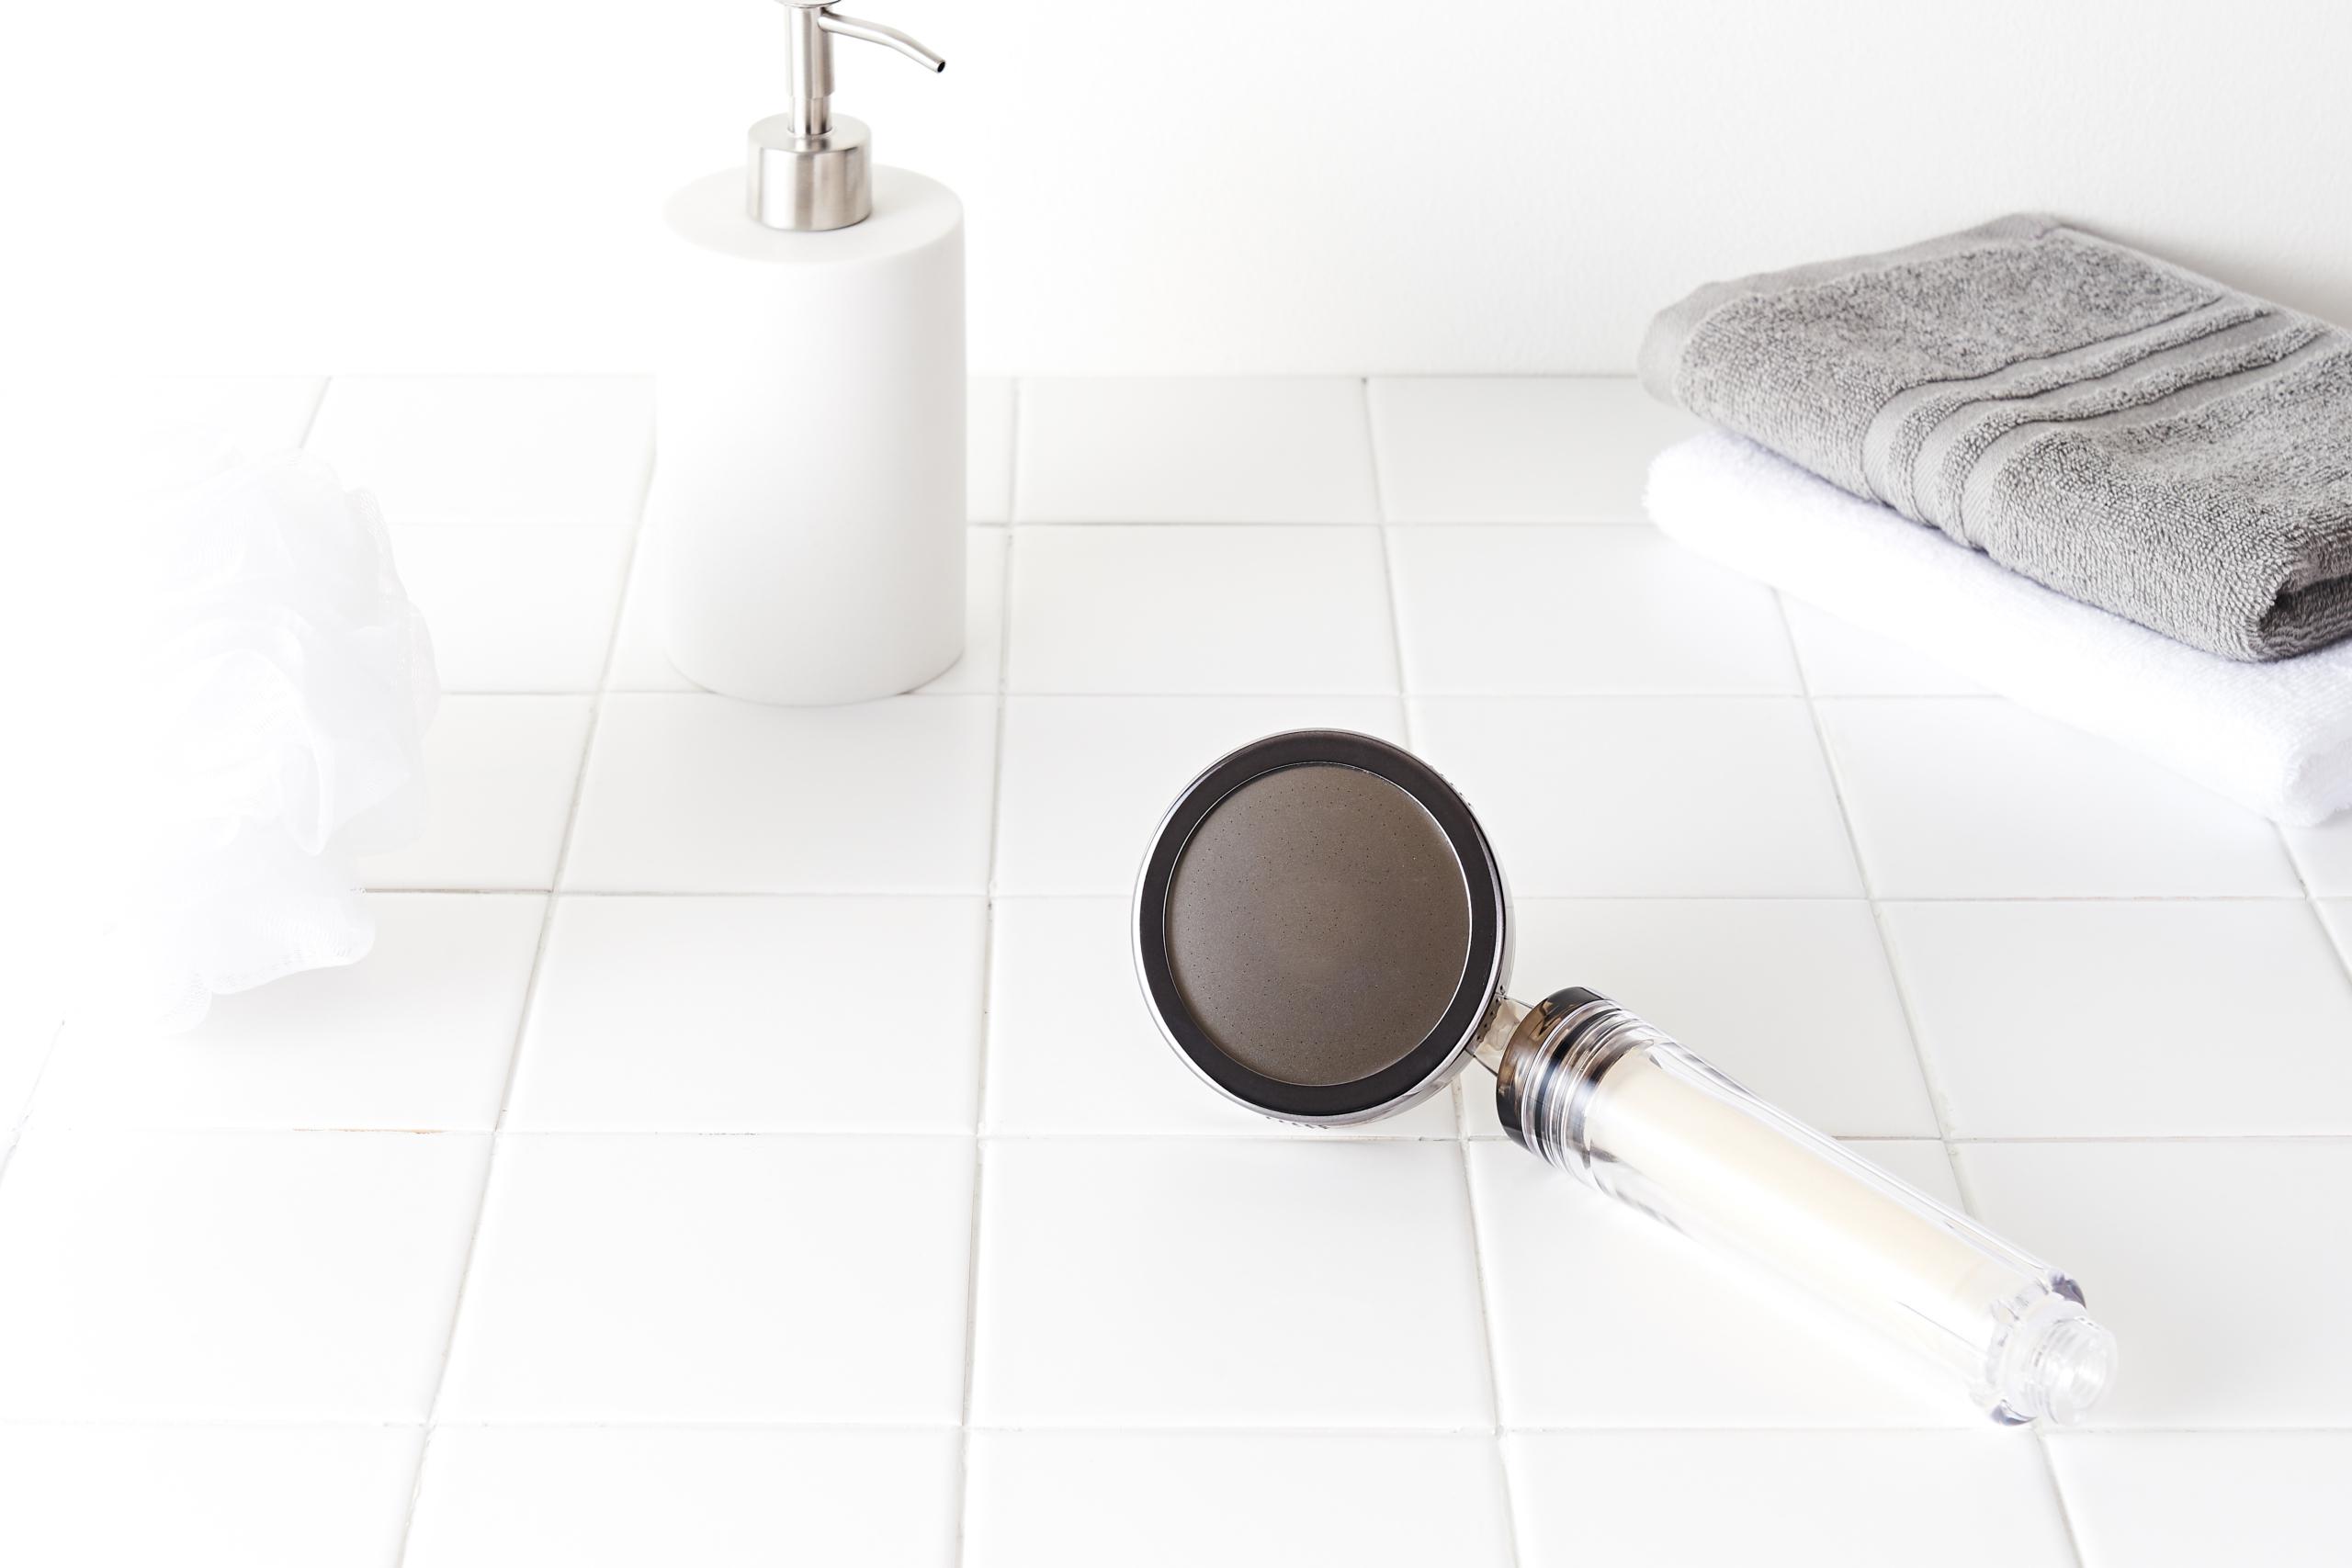 pommeau-de-douche-filtrant-calcaire-hydratant-bienfaits-cheveux-peau-avis-revue